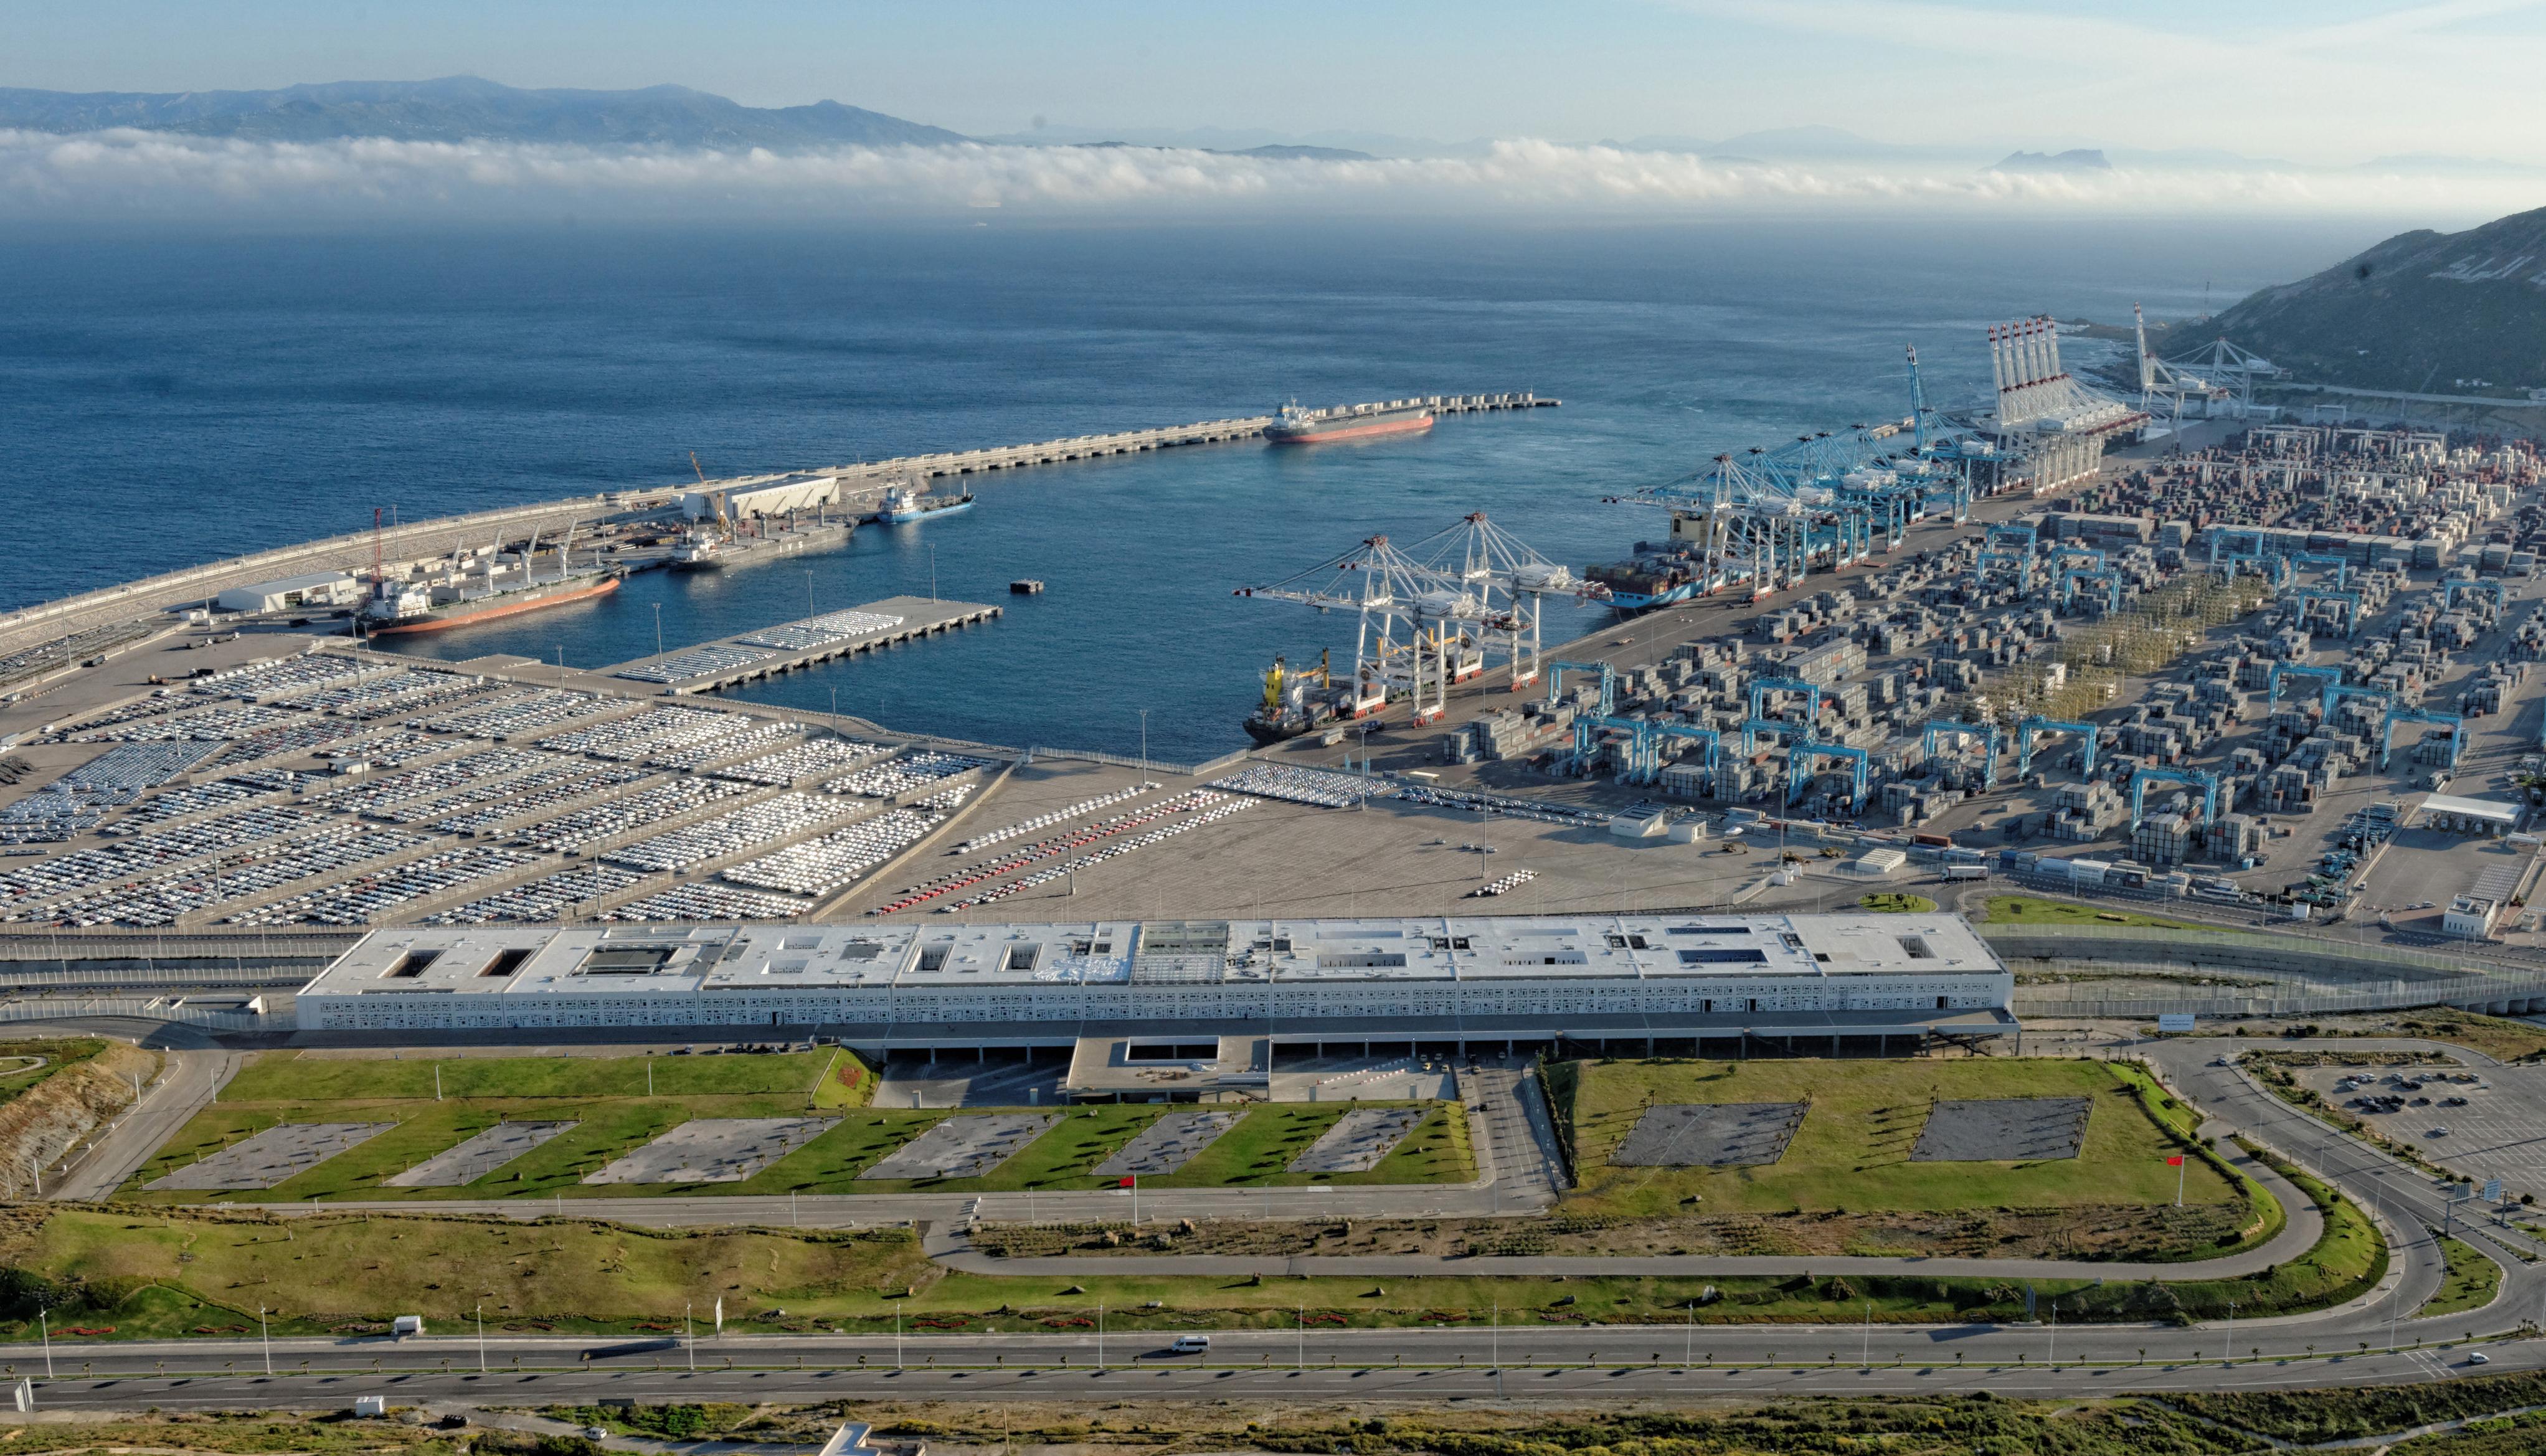 Tanger med le plus grand port conteneurs en afrique fonctionne plein r gime - Le plus grand port en afrique ...